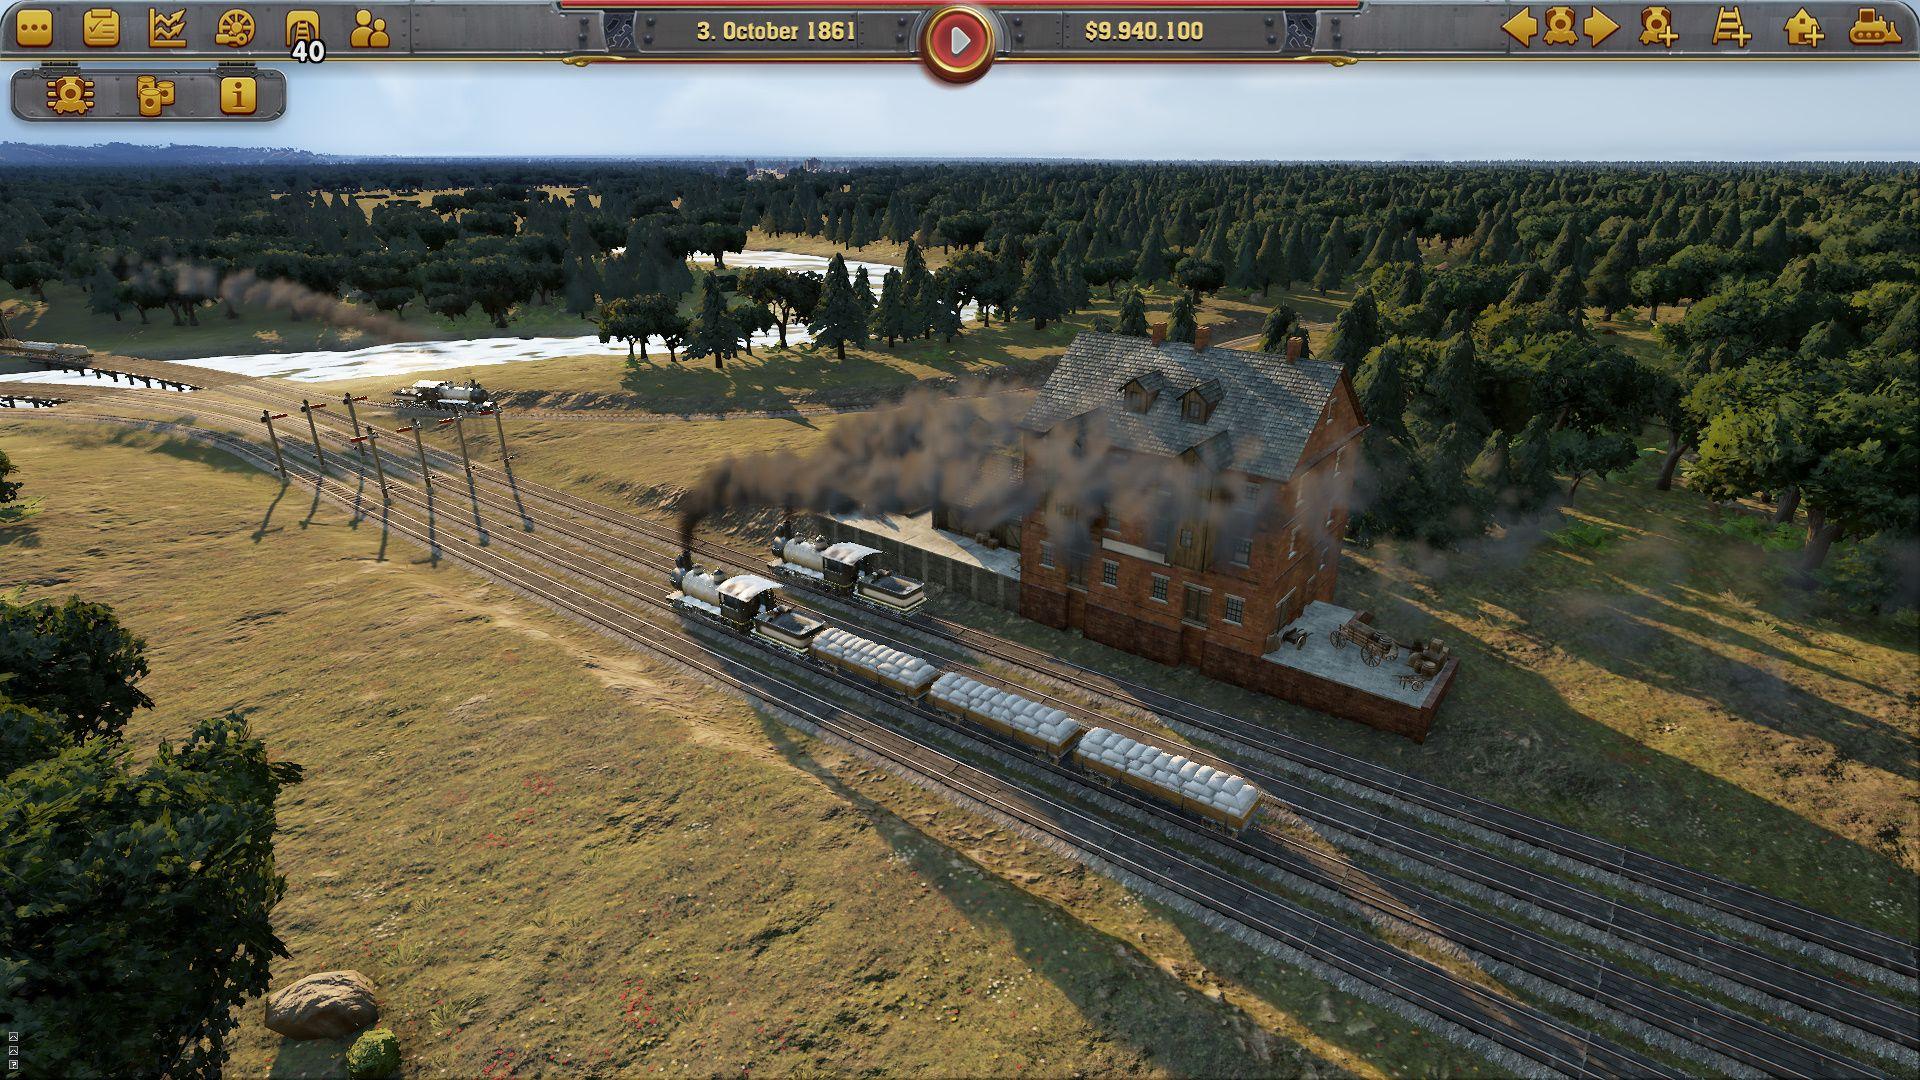 Wirtschaftssimulation: Aufbau-Alternativen zu Anno 1800 - Railway Empire (Bild: Kalypso Media)